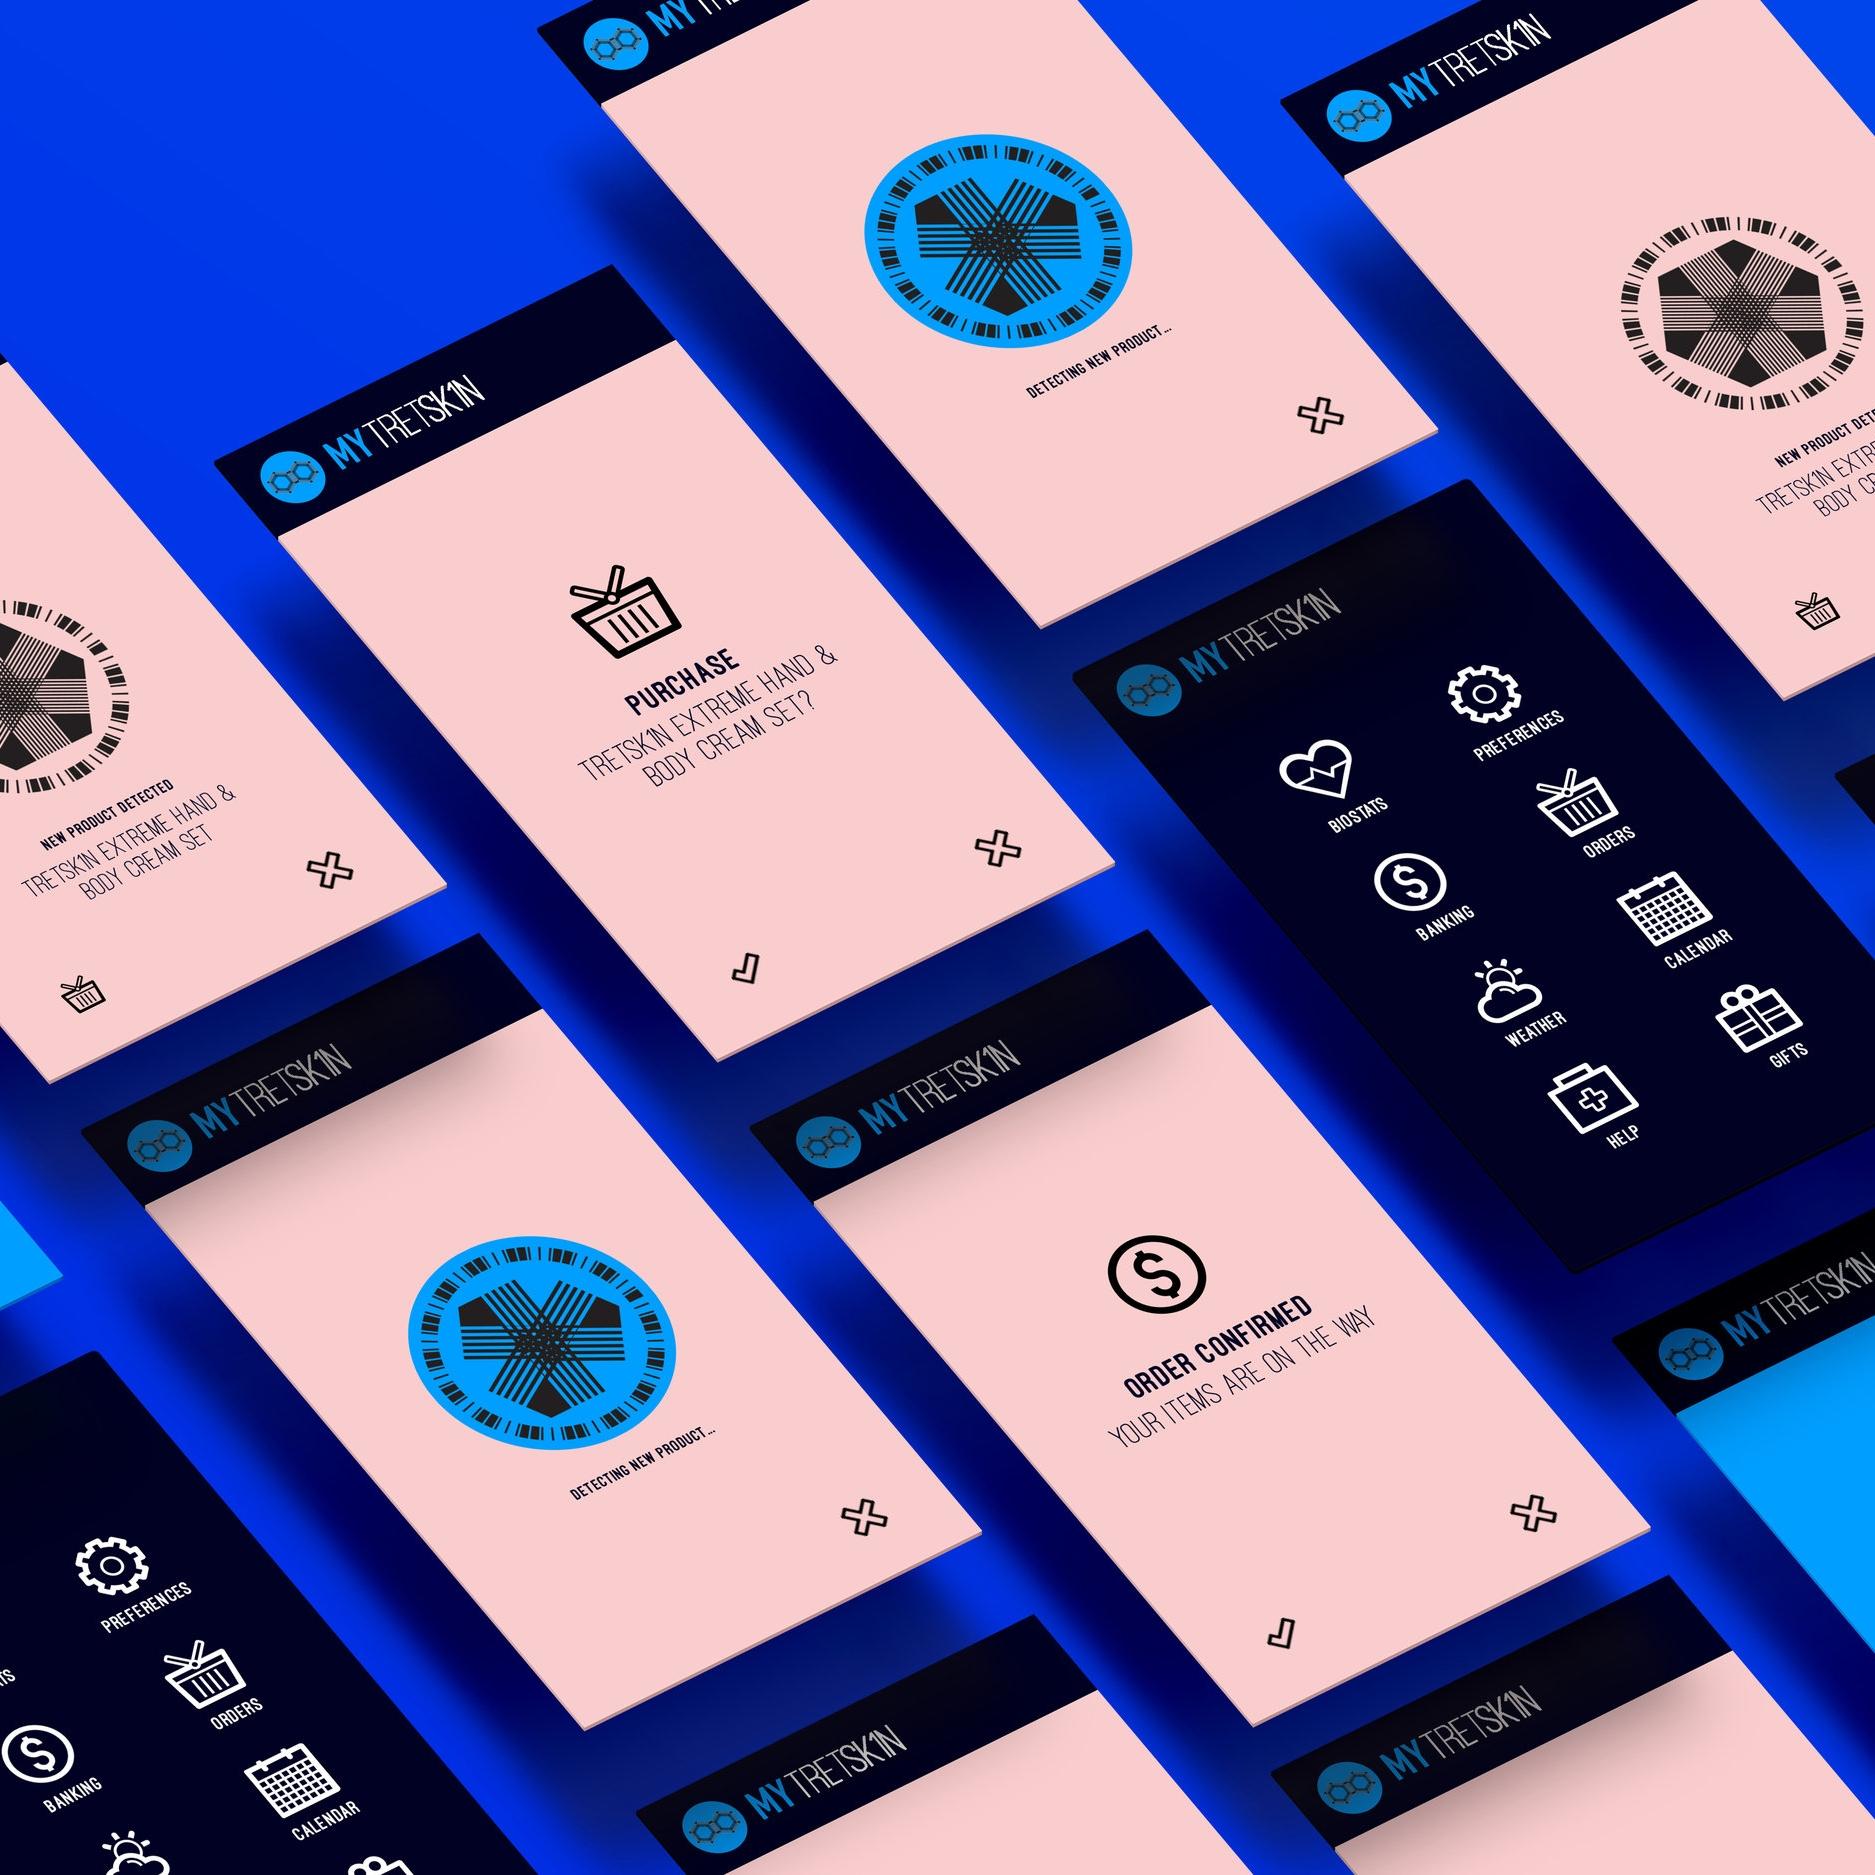 T1I_AppScreens.jpg